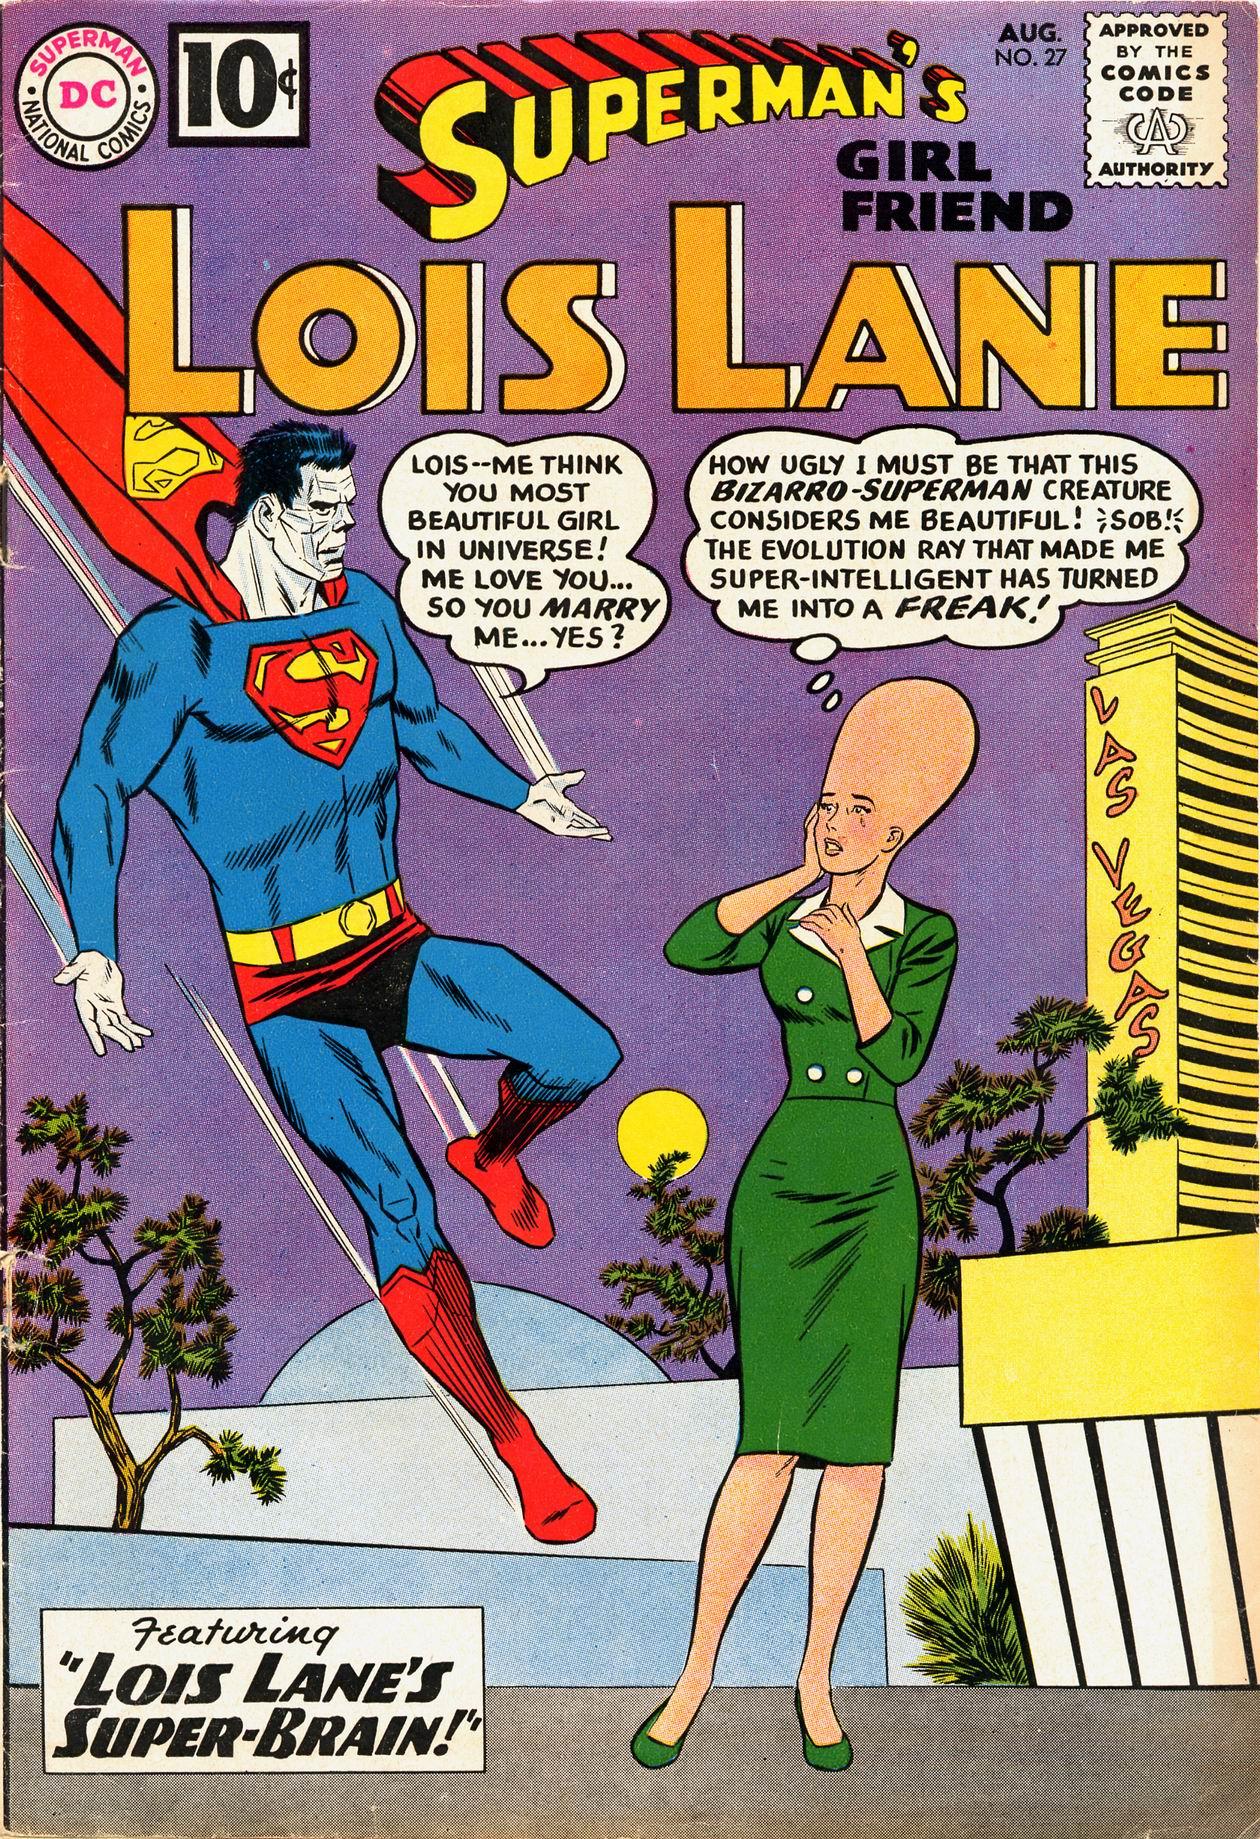 Supermans Girl Friend, Lois Lane 27 Page 1